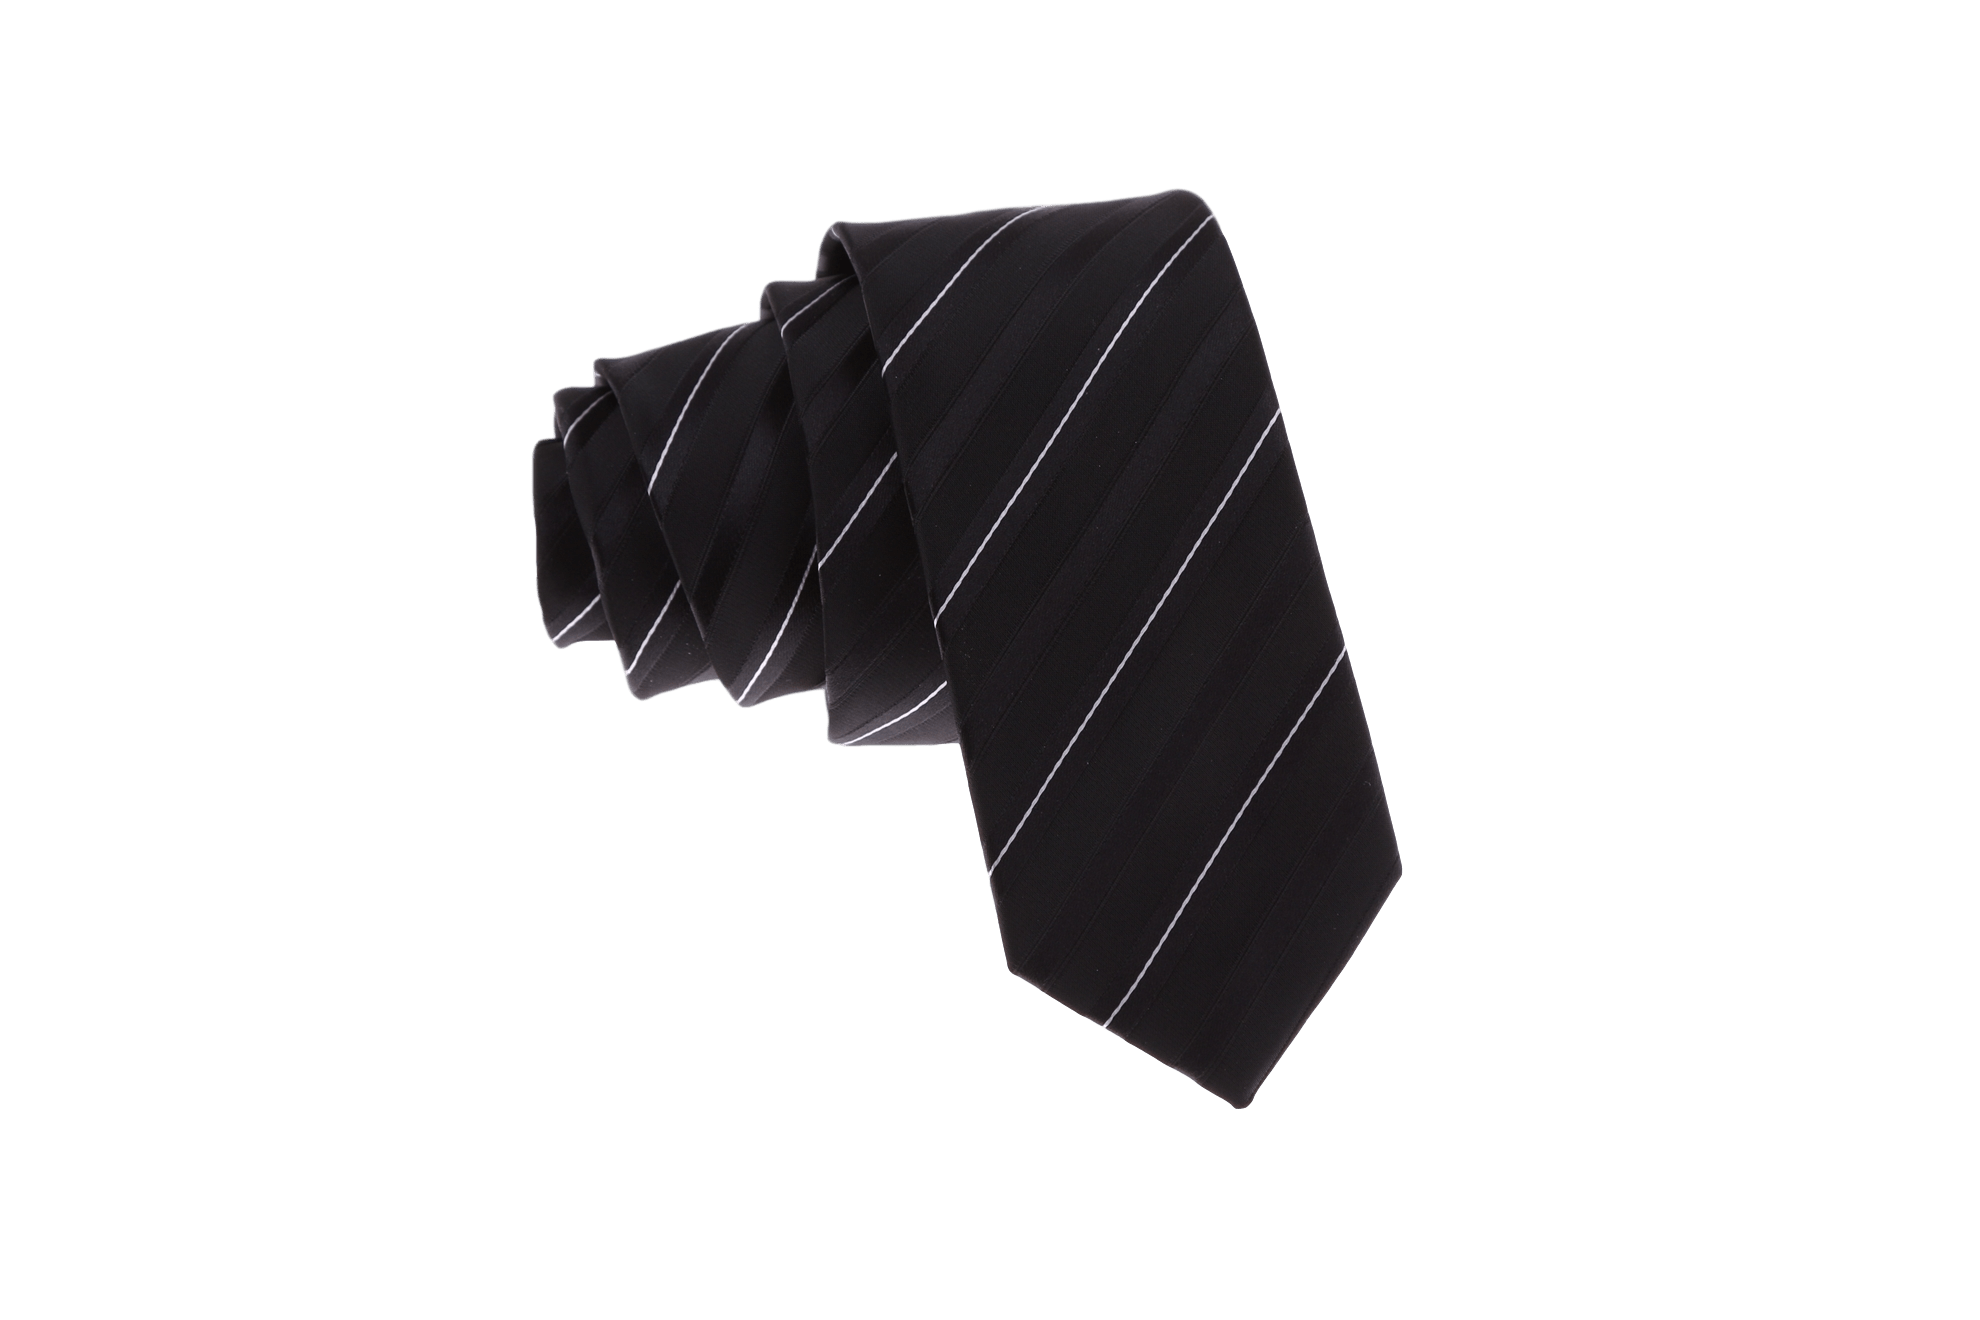 Галстук узкий (Арт. G1)